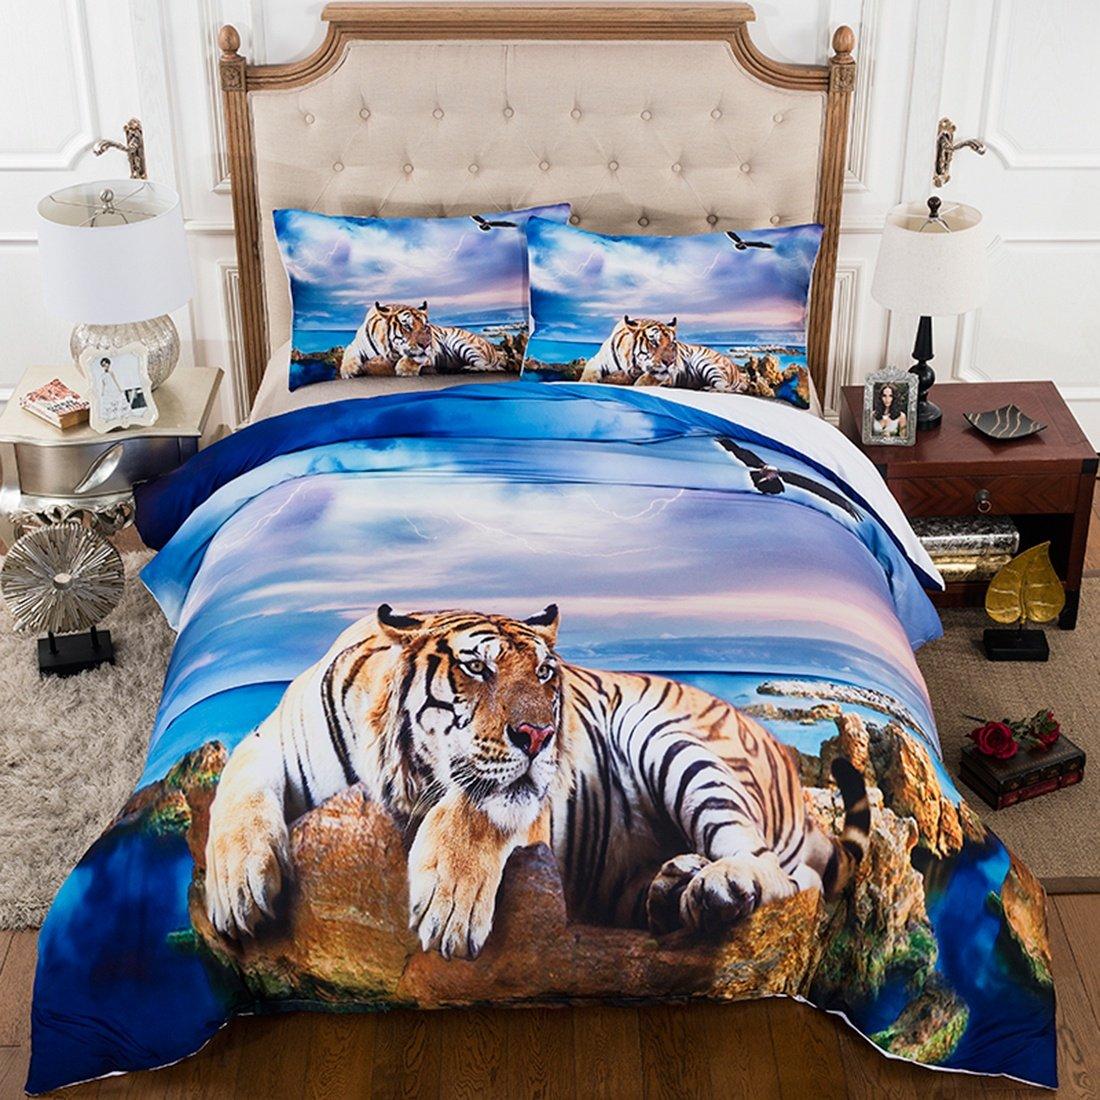 Cnspin 3D Strand Tiger Bettwäsche-Set Schlafzimmer Königin Größe 100% Mikrofaser Geschenk,3 Teilige Bettdecke mit 2 Kissenbezügen, 150X200Cm